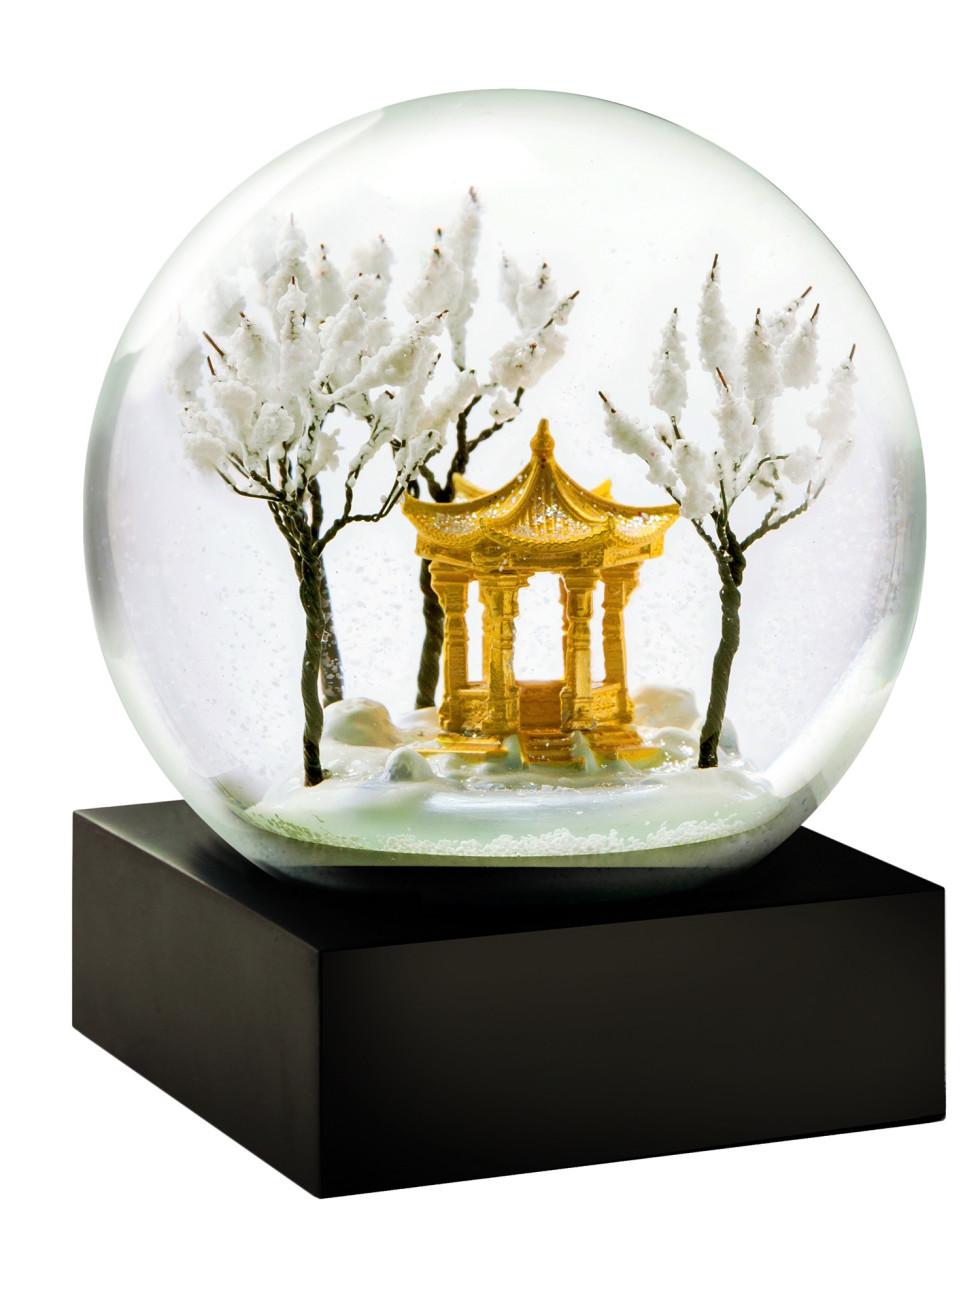 Pagoda snow globe at the Lotus Shop